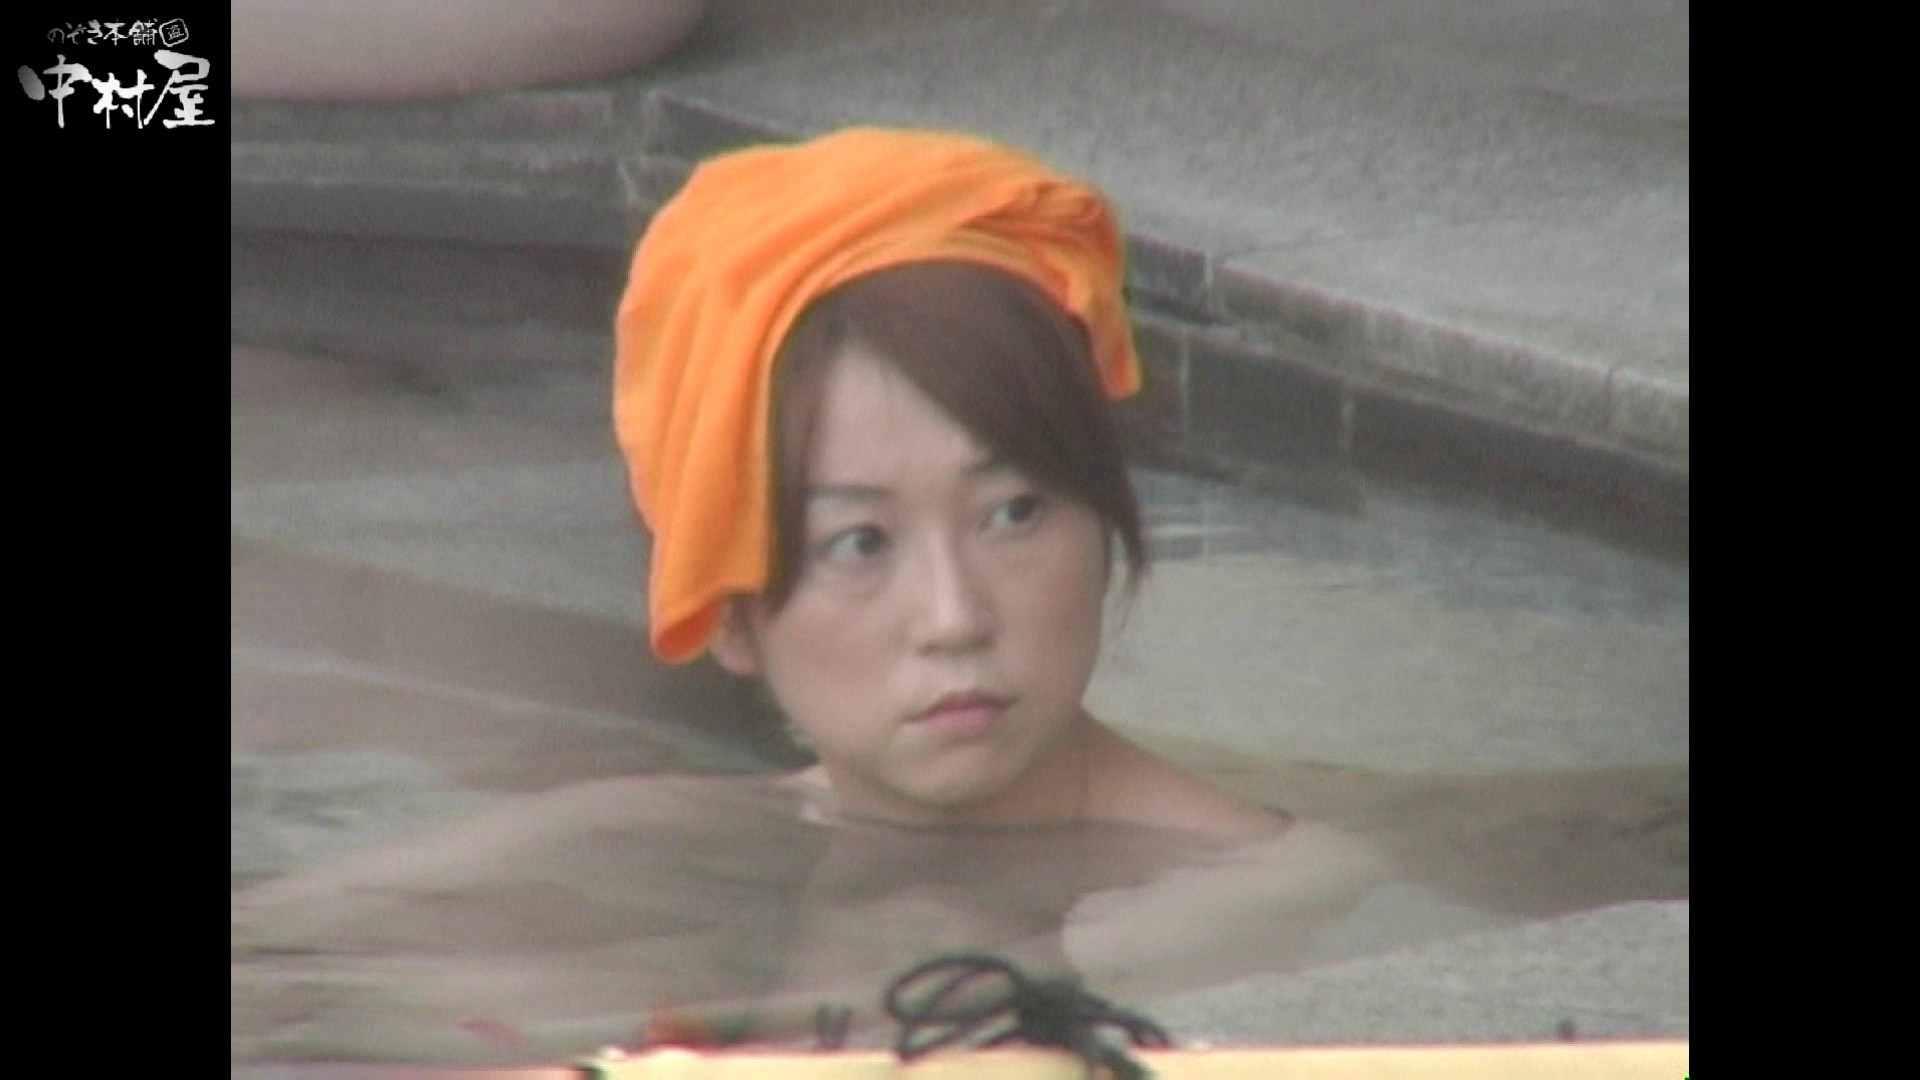 Aquaな露天風呂Vol.941 OLのエロ生活 アダルト動画キャプチャ 107連発 59